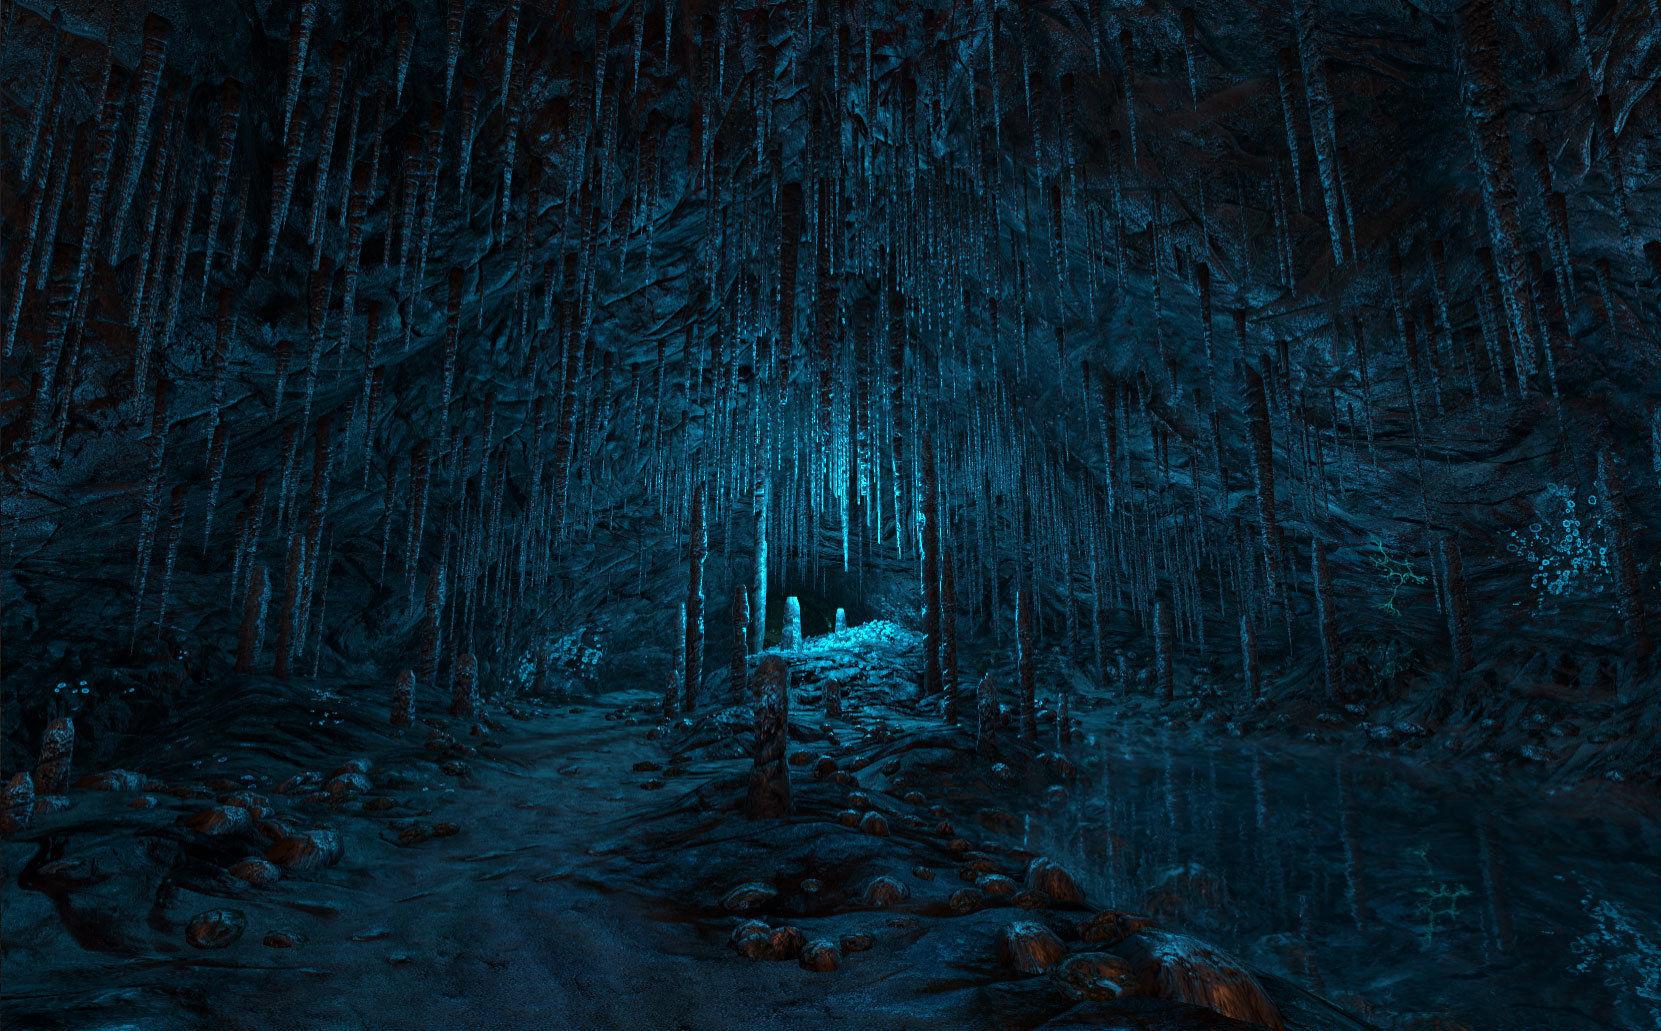 Wunderschöne blaue Tropfsteinhöhle